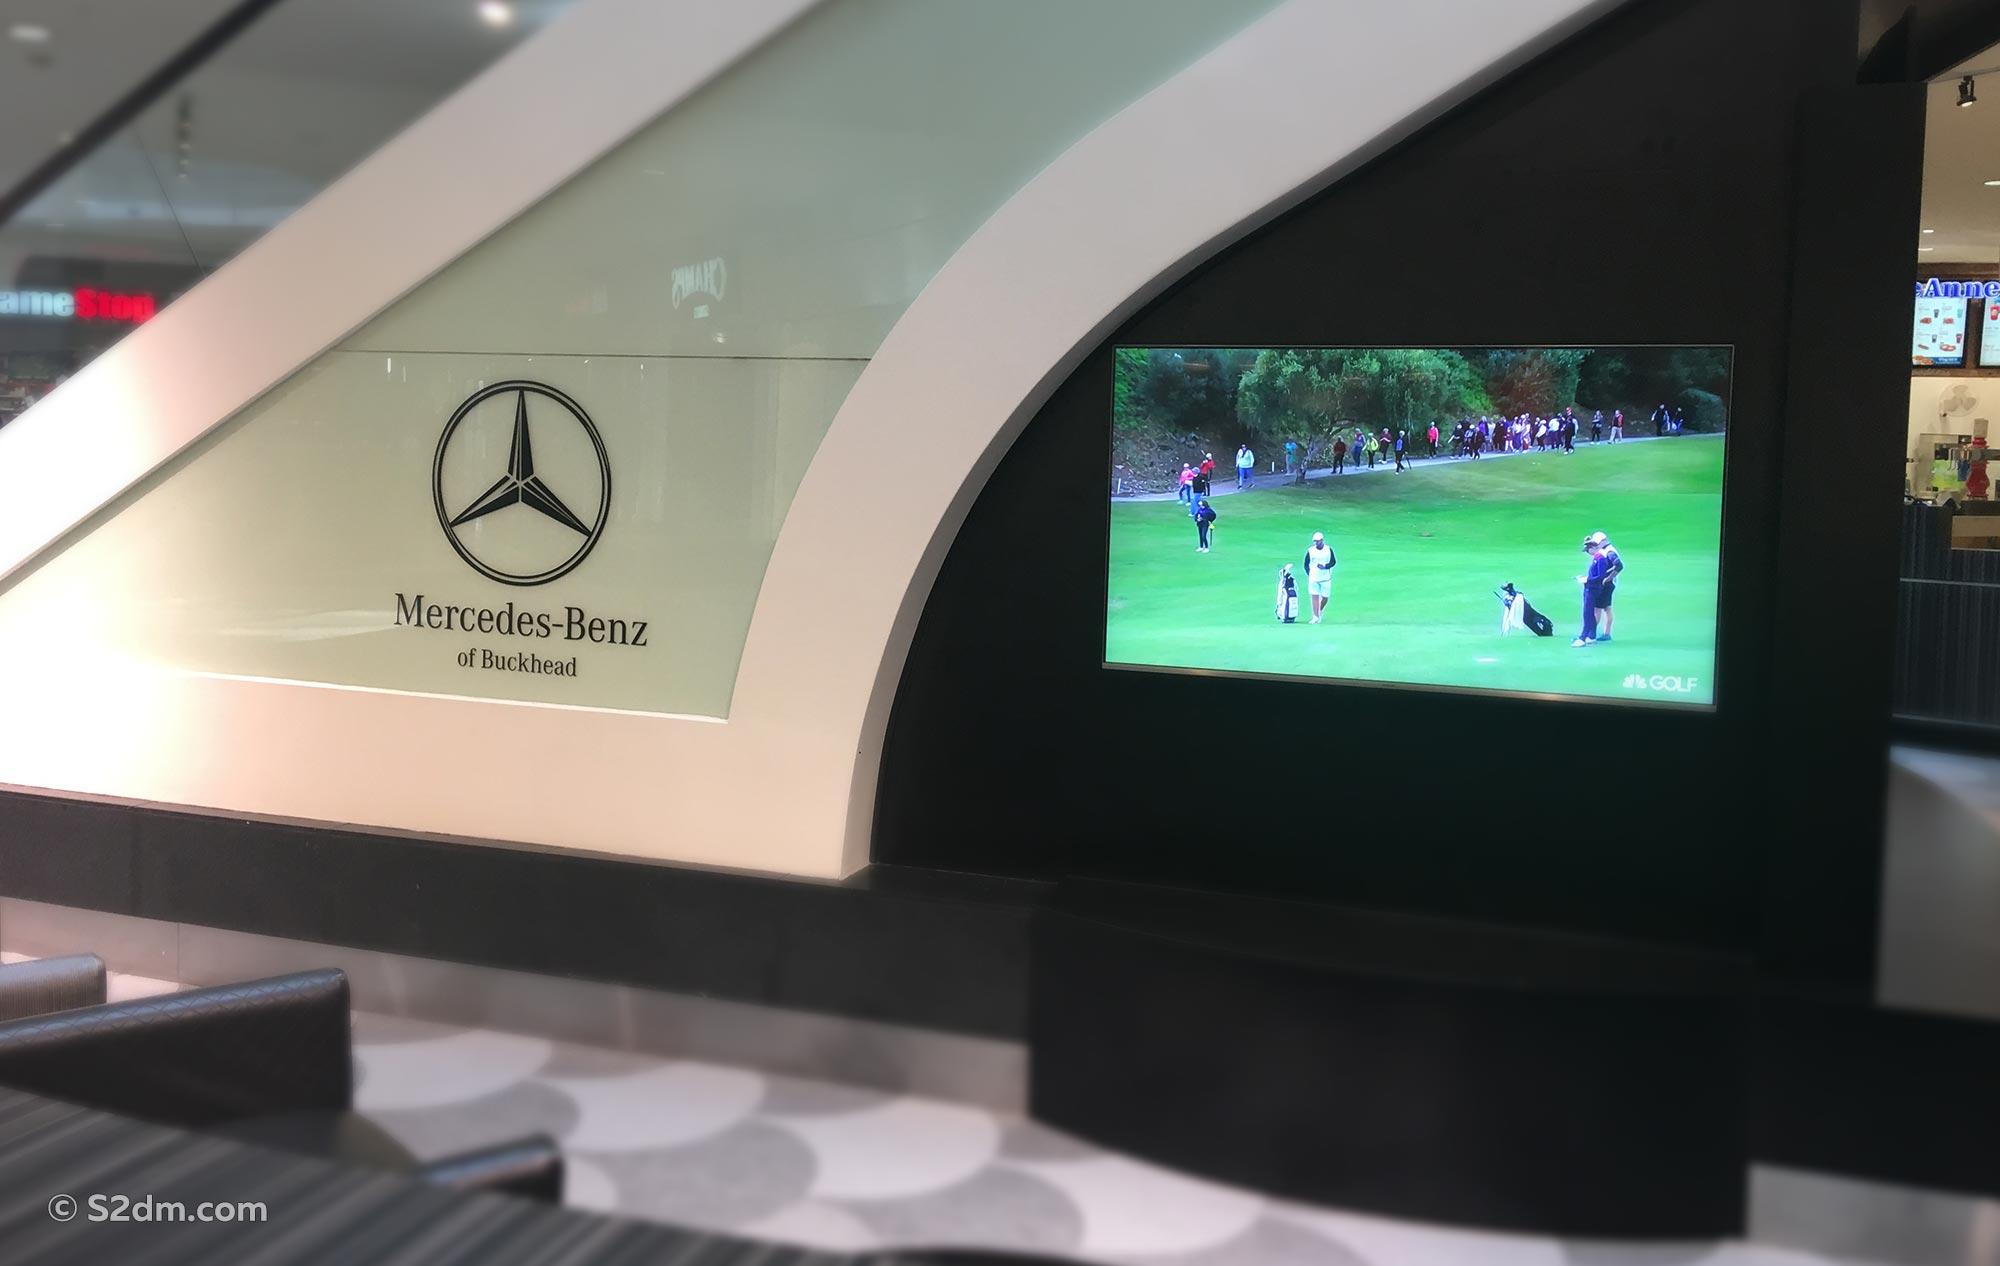 Mercedes-Benz of Buckhead signs